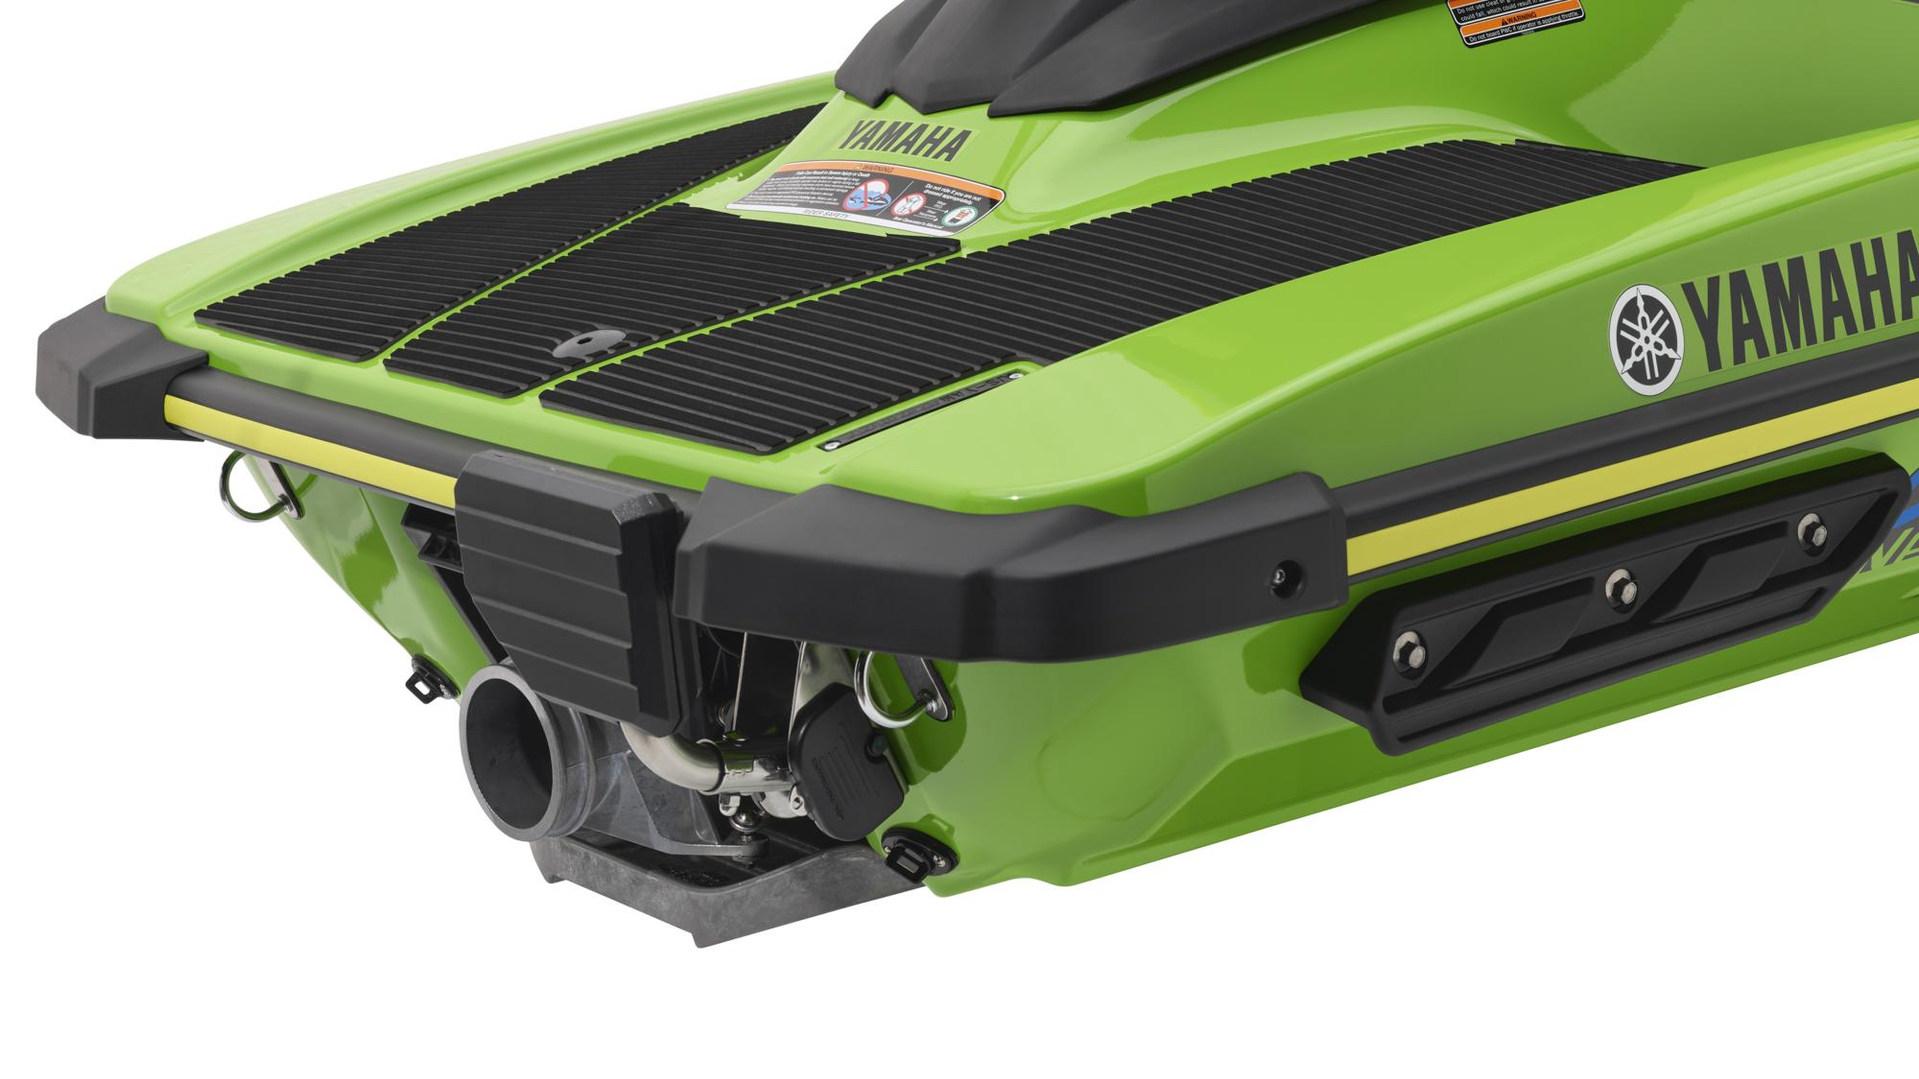 2021-Yamaha-EXSPORT-EU-Detail-003-03.jpg